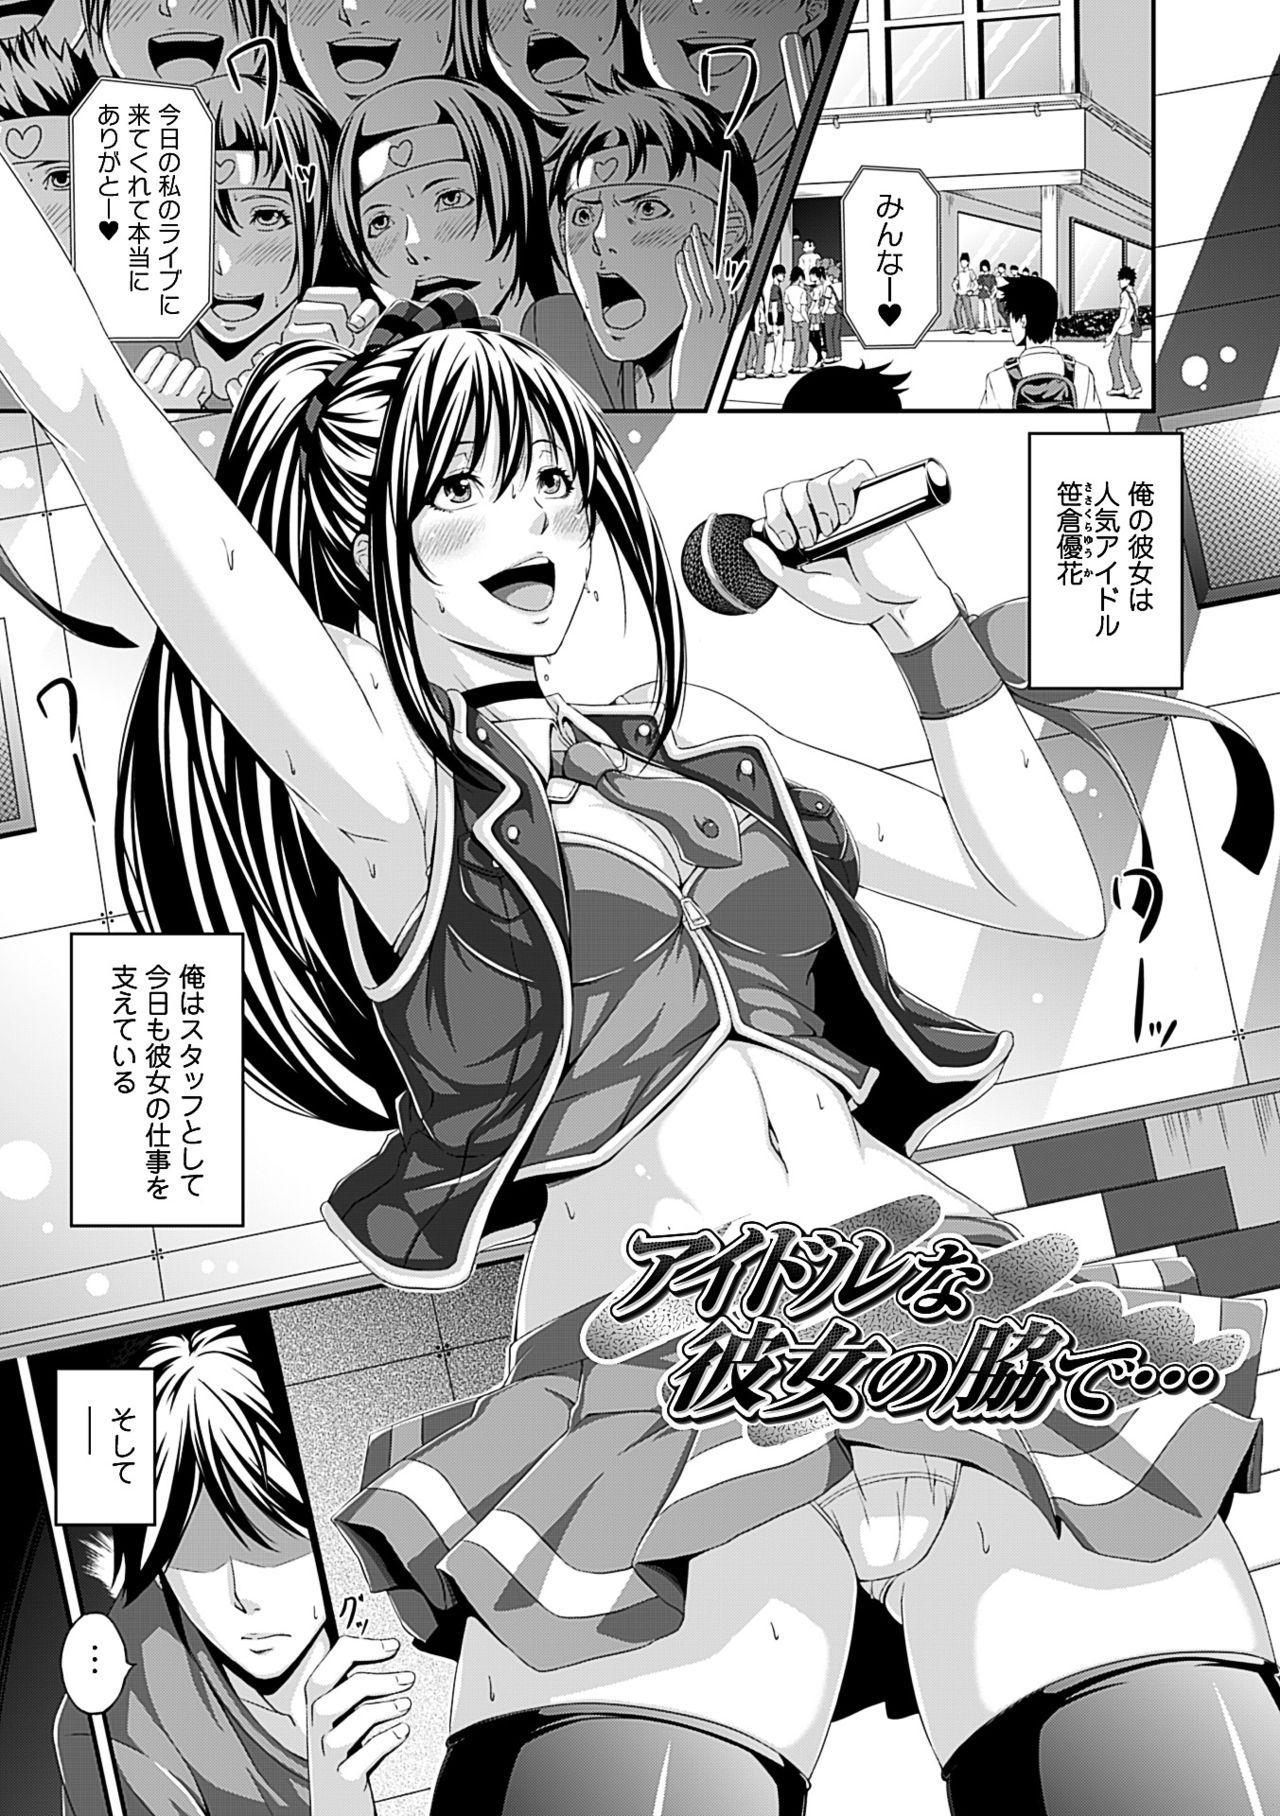 Mesu Hana ga Ochiru Toki - Maidenly Bloom Fallen 140